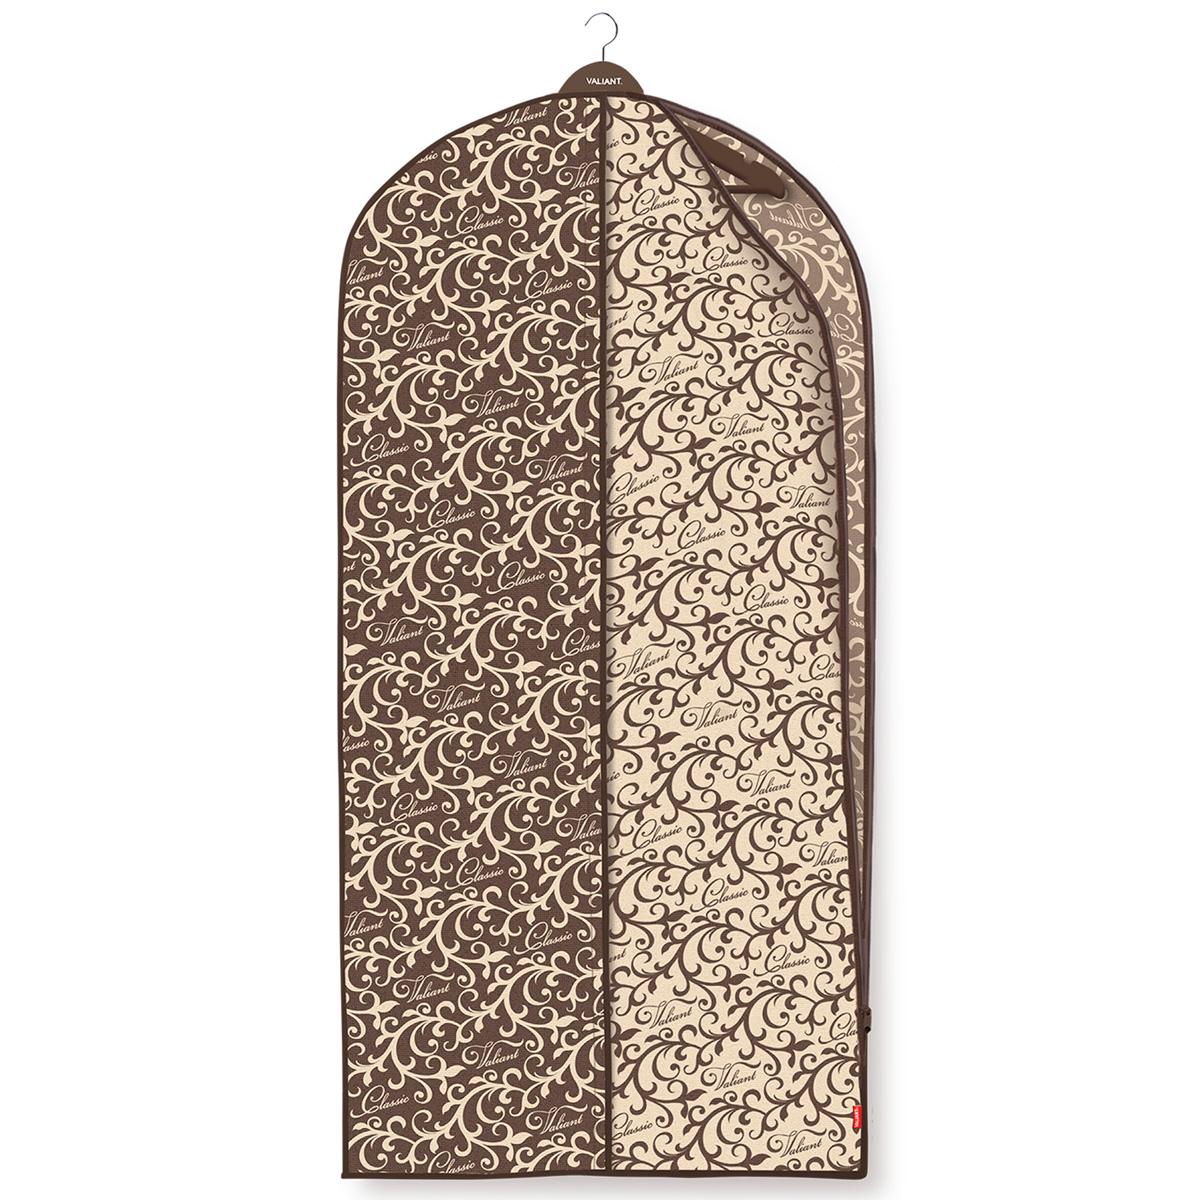 Чехол для одежды Valiant Classic, с боковой молнией, 60 см х 137 смES-412Чехол для одежды Valiant Classic изготовлен из высококачественного нетканого материала (спанбонда), который обеспечивает естественную вентиляцию, позволяя воздуху проникать внутрь, но не пропускает пыль. Чехол очень удобен в использовании. Специальная прозрачная вставка позволяет видеть содержимое чехла, не открывая его. Застежка-молния расположена в боковом шве, что обеспечивает легкий доступ к содержимому. Чехол идеально подойдет для транспортировки и хранения одежды. Изысканный дизайн Classic Collection придется по вкусу ценителям классического стиля, он гармонично вписывается в современный классический гардероб.Системы хранения в едином дизайне сделают вашу гардеробную красивой и невероятно стильной.